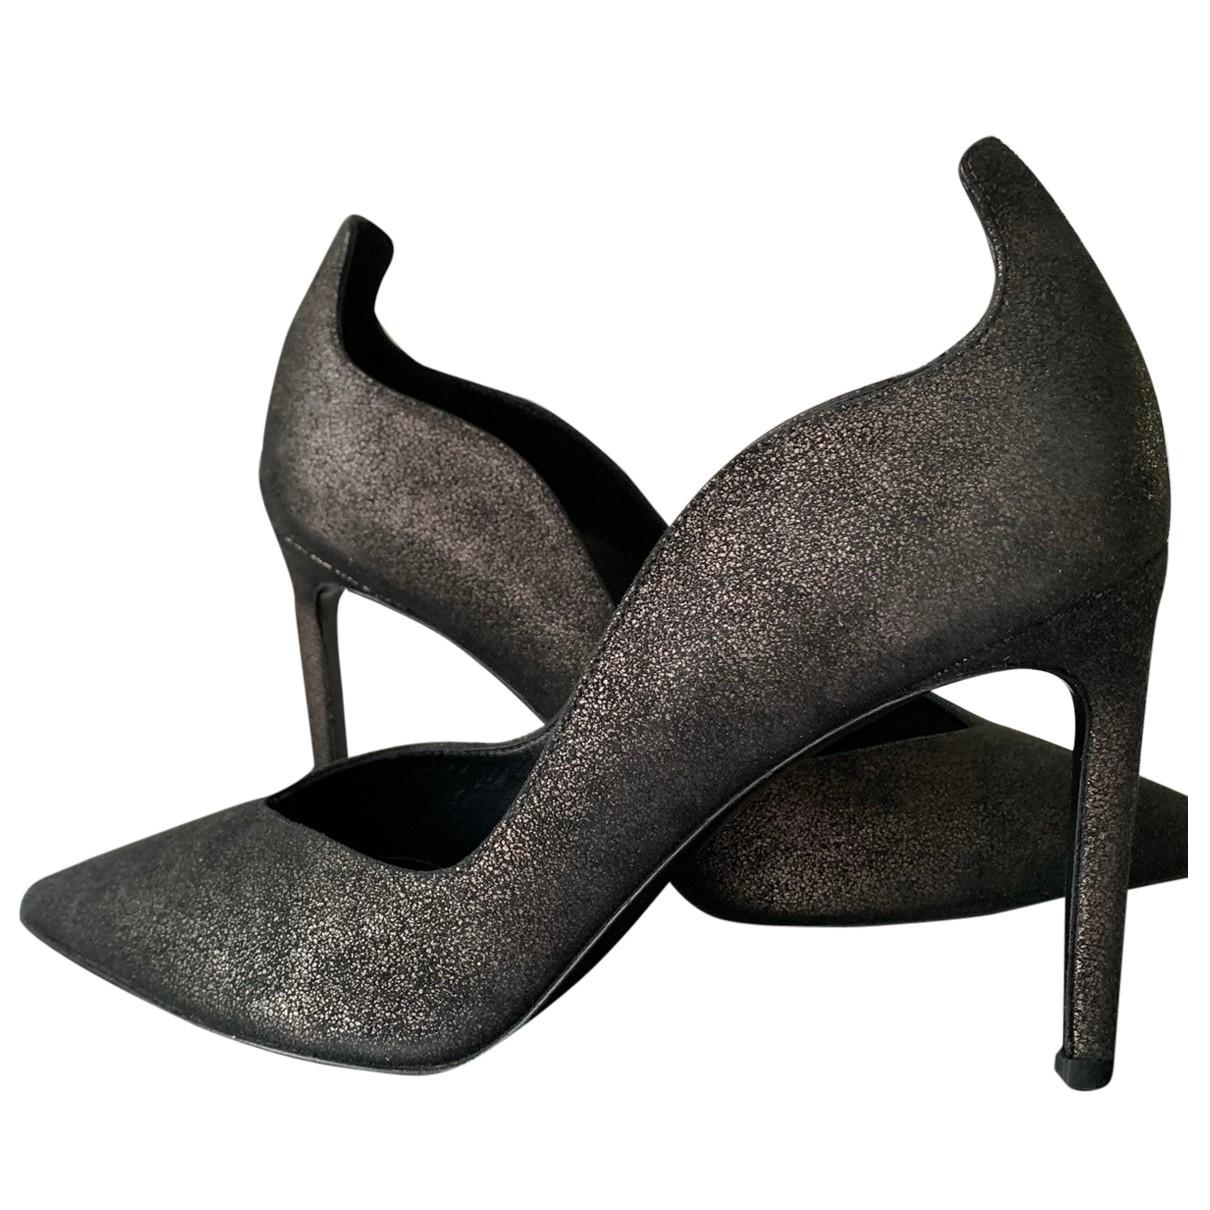 Delman - Escarpins   pour femme en cuir - anthracite